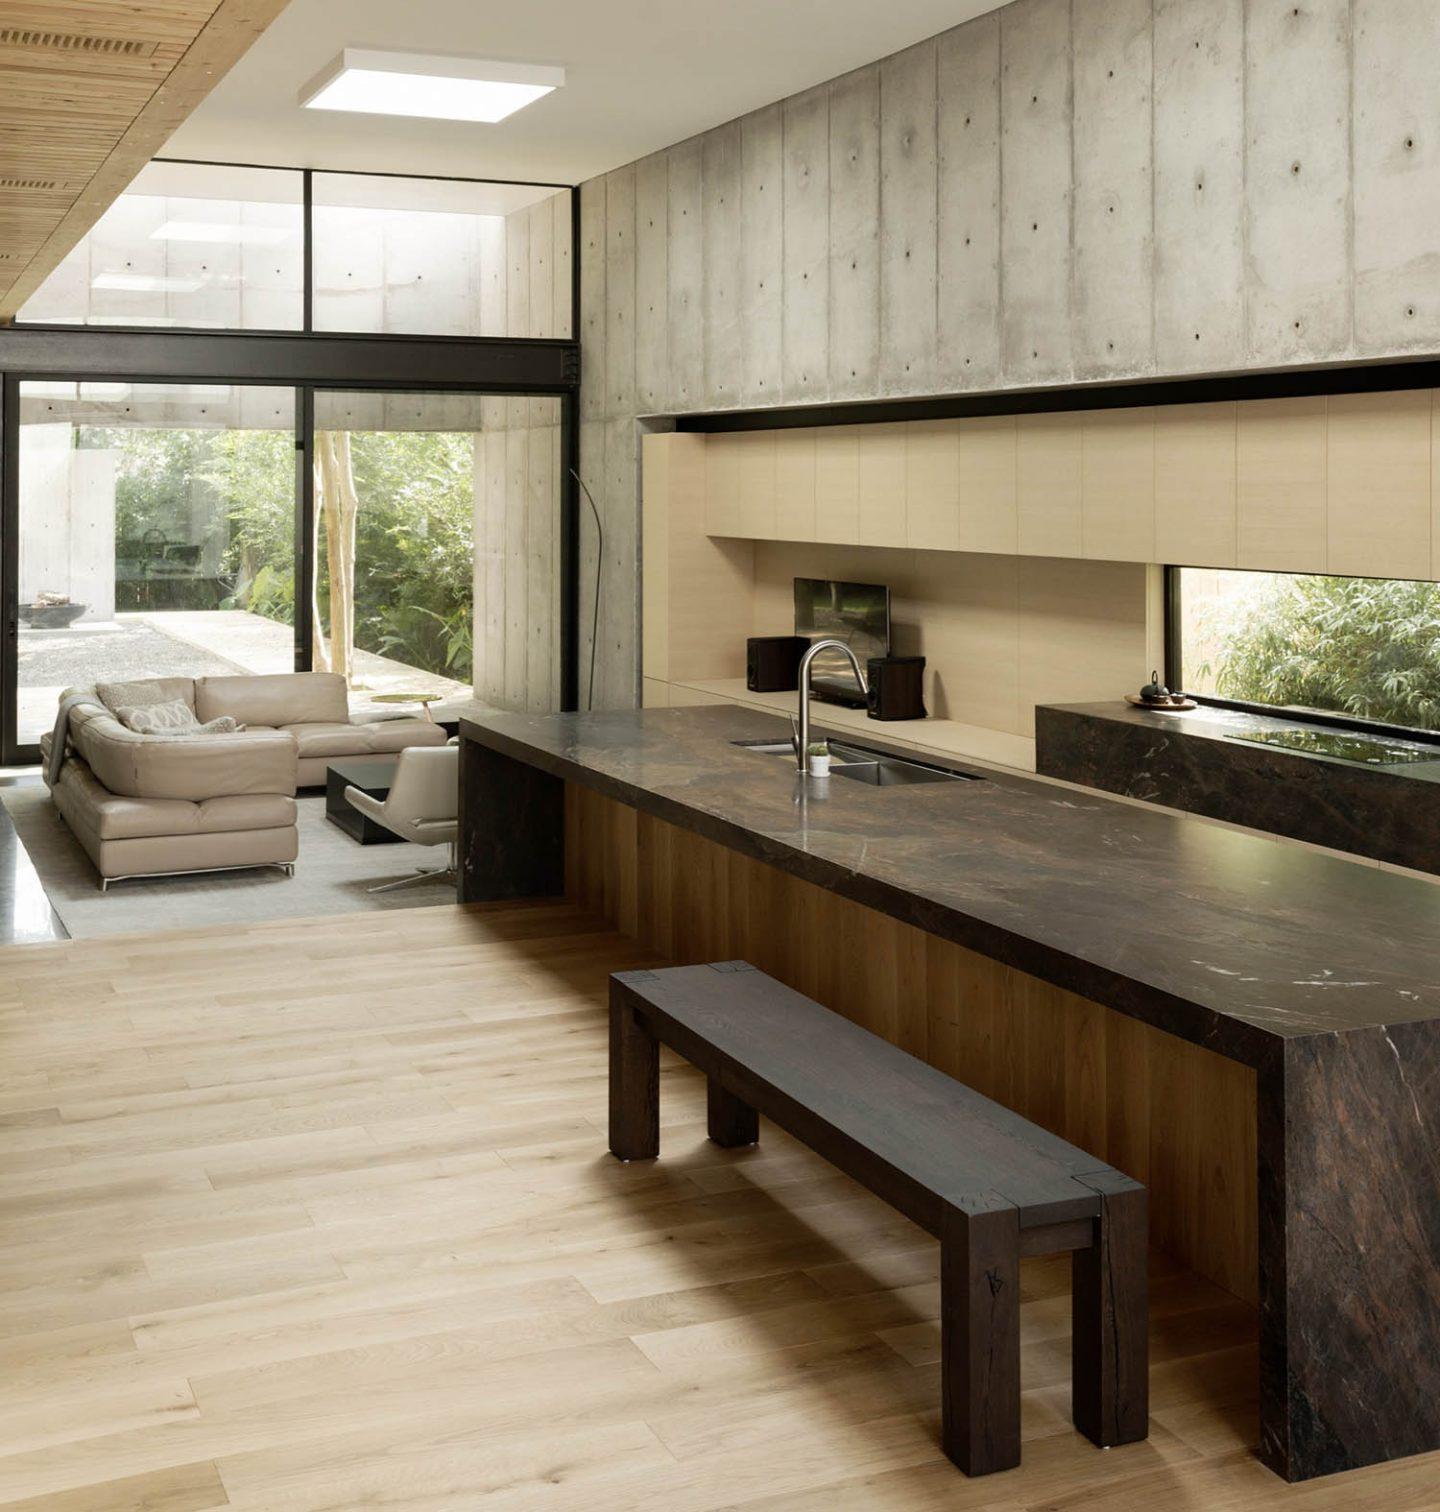 iGNANT_Architecture_Robertson_Design_Concrete_Box_House_21